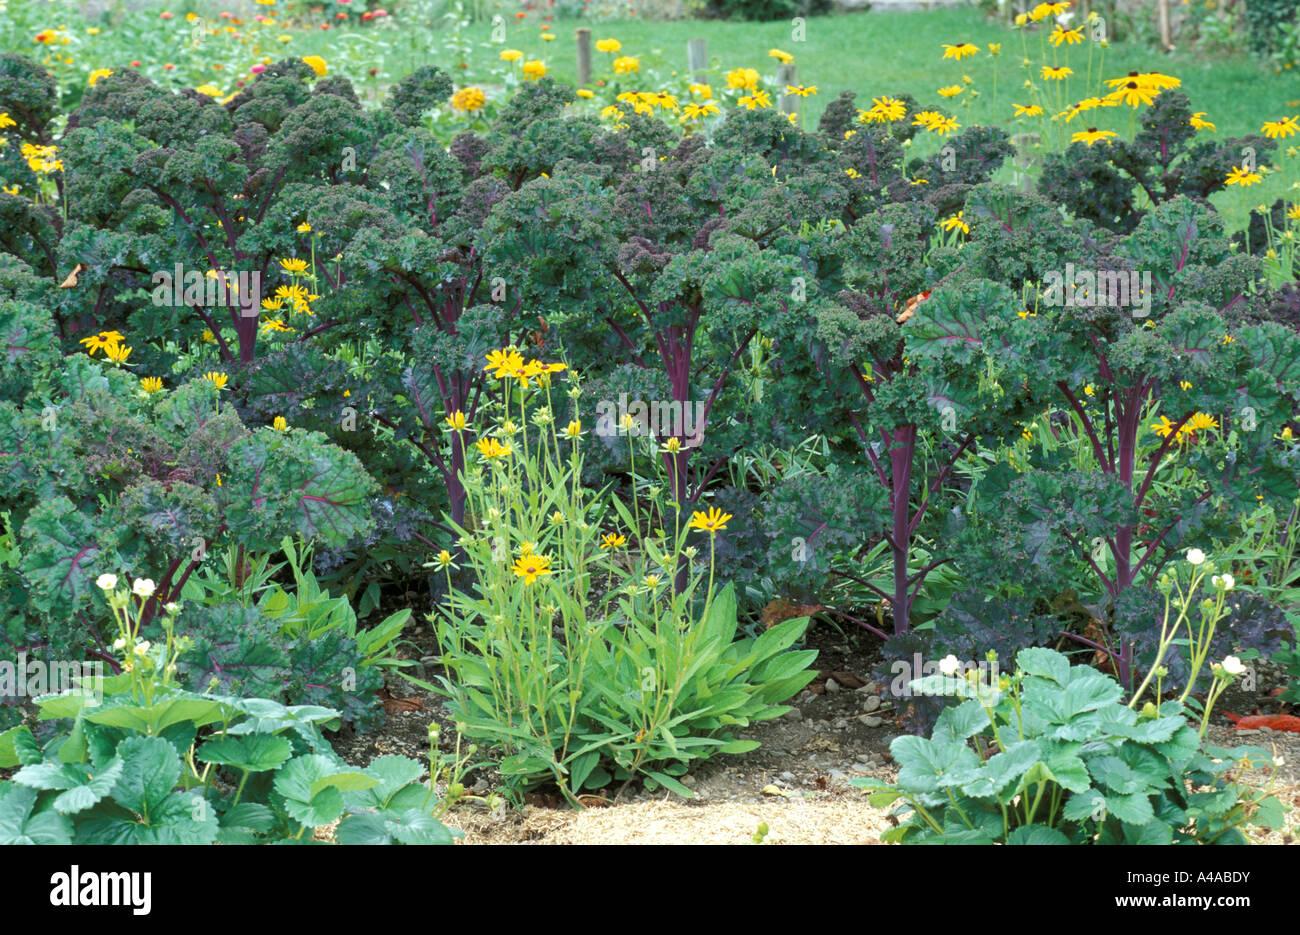 Brassica Oleracea var Acephala F Viridis and Rudbeckia Hirta - Stock Image